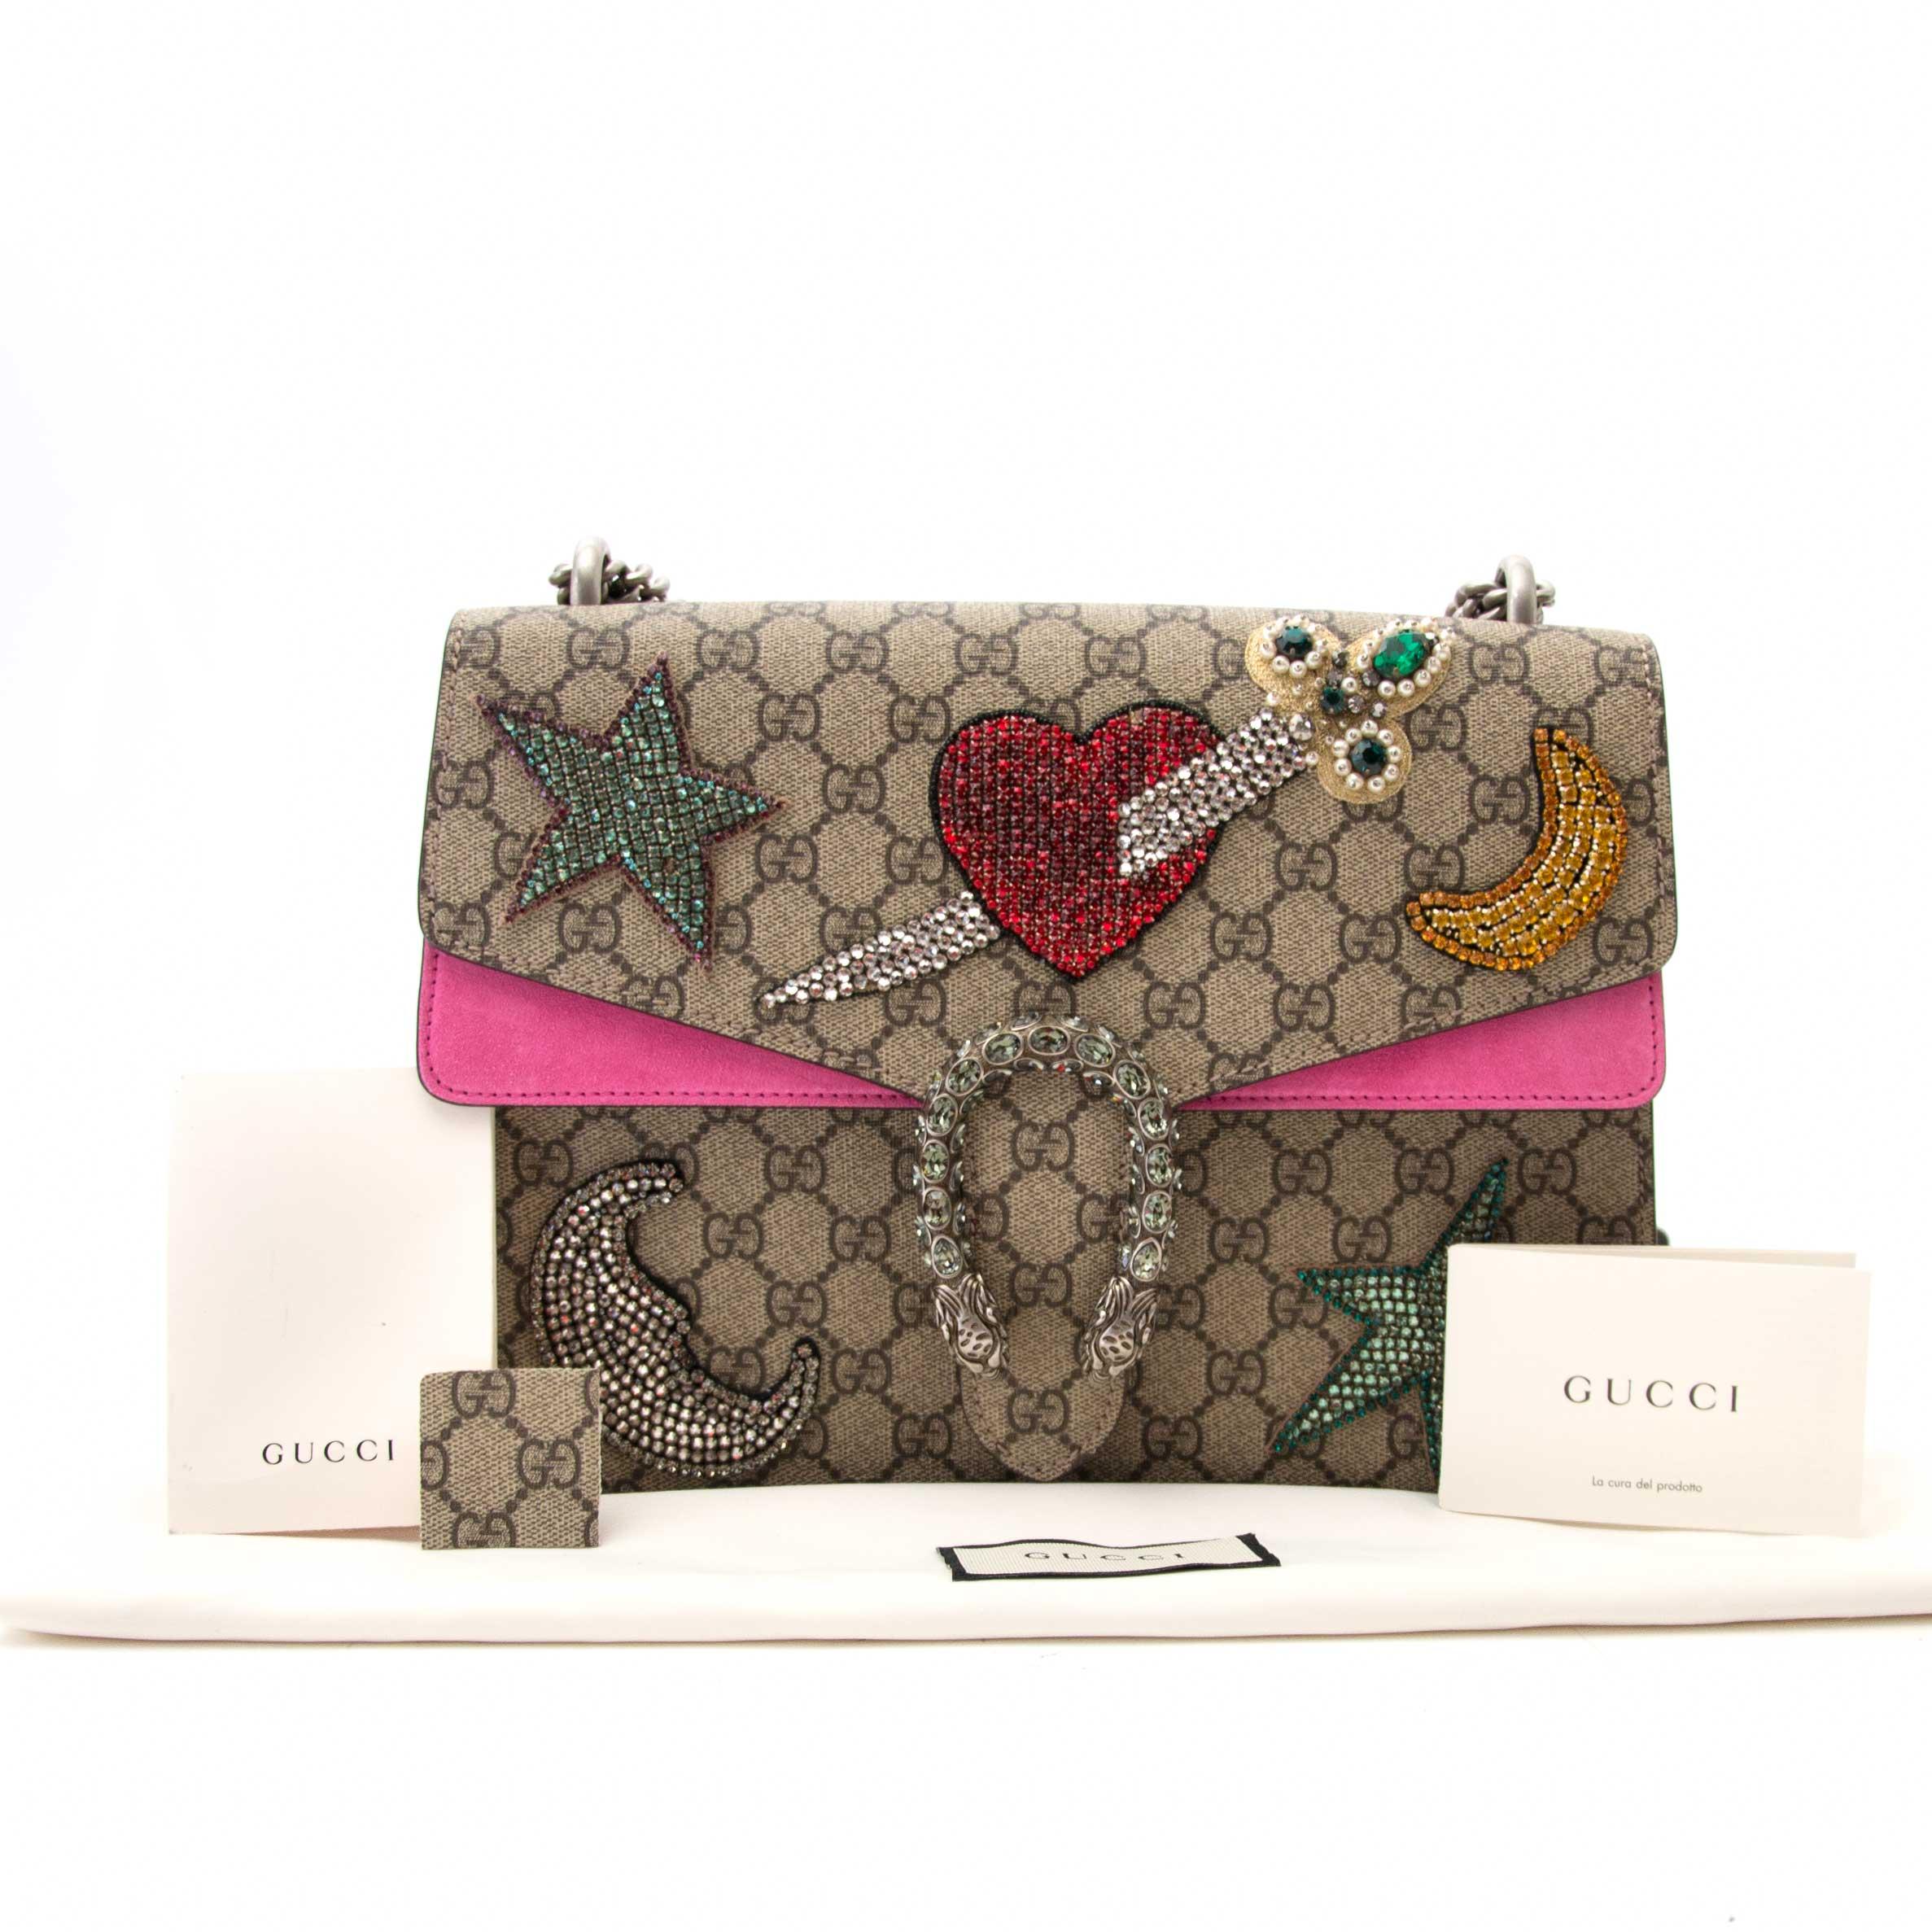 4d41206b227 Gucci Dionysus Embroidered Shoulder Bag Gucci Dionysus Embroidered Shoulder  Bag